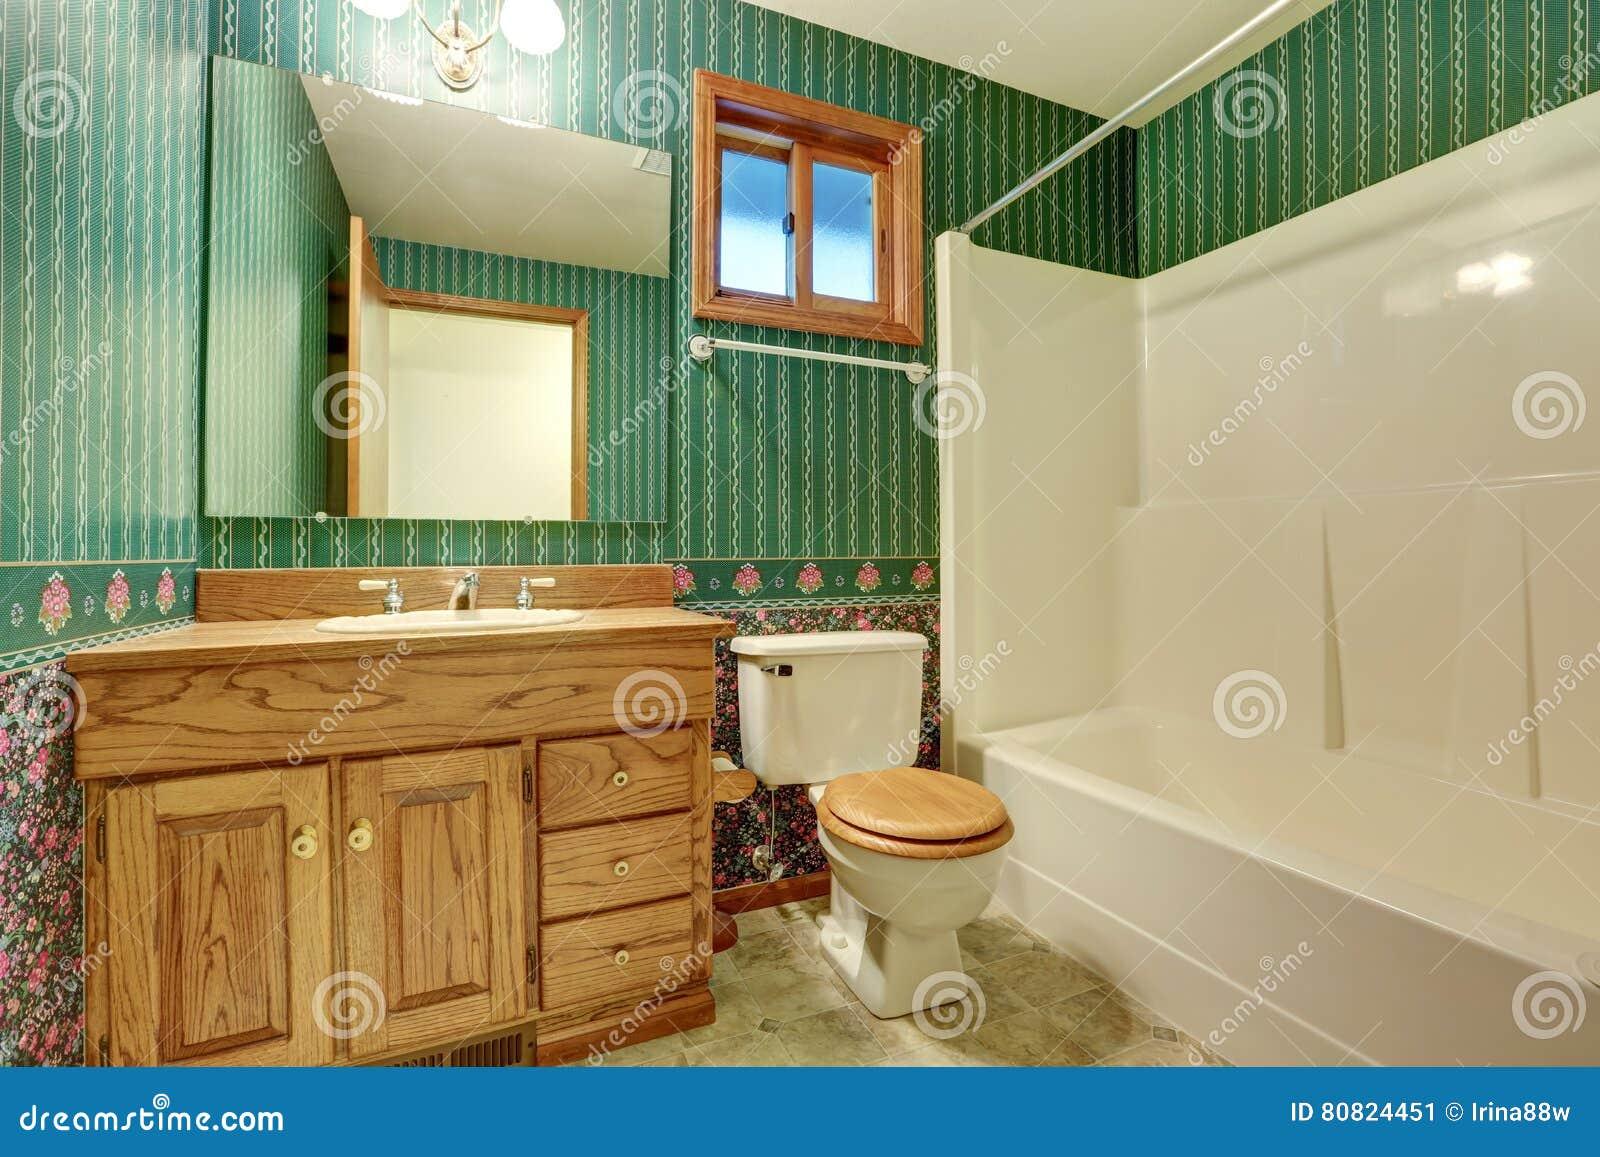 Diseño Interior Del Cuarto De Baño Verde En Estilo Del Vintage ...